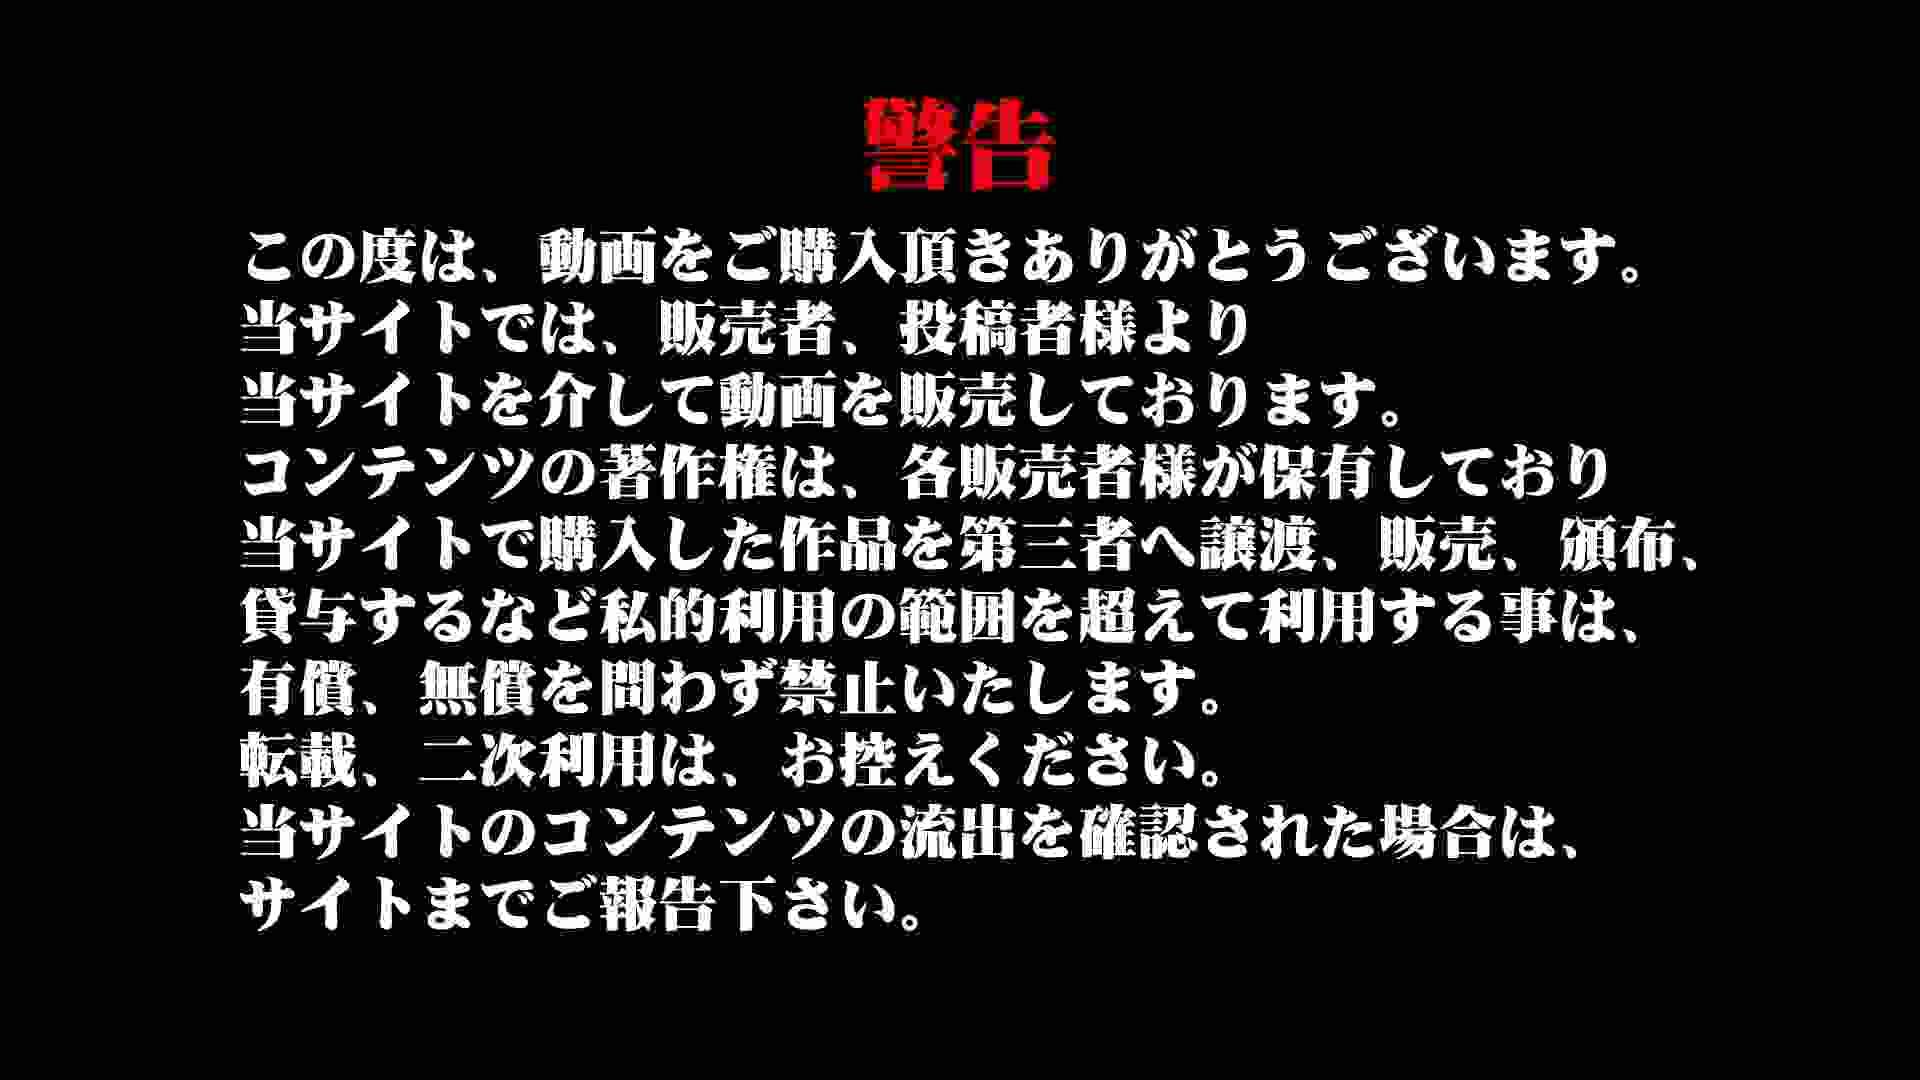 Aquaな露天風呂Vol.927 OLのエロ生活 | 盗撮  89連発 34